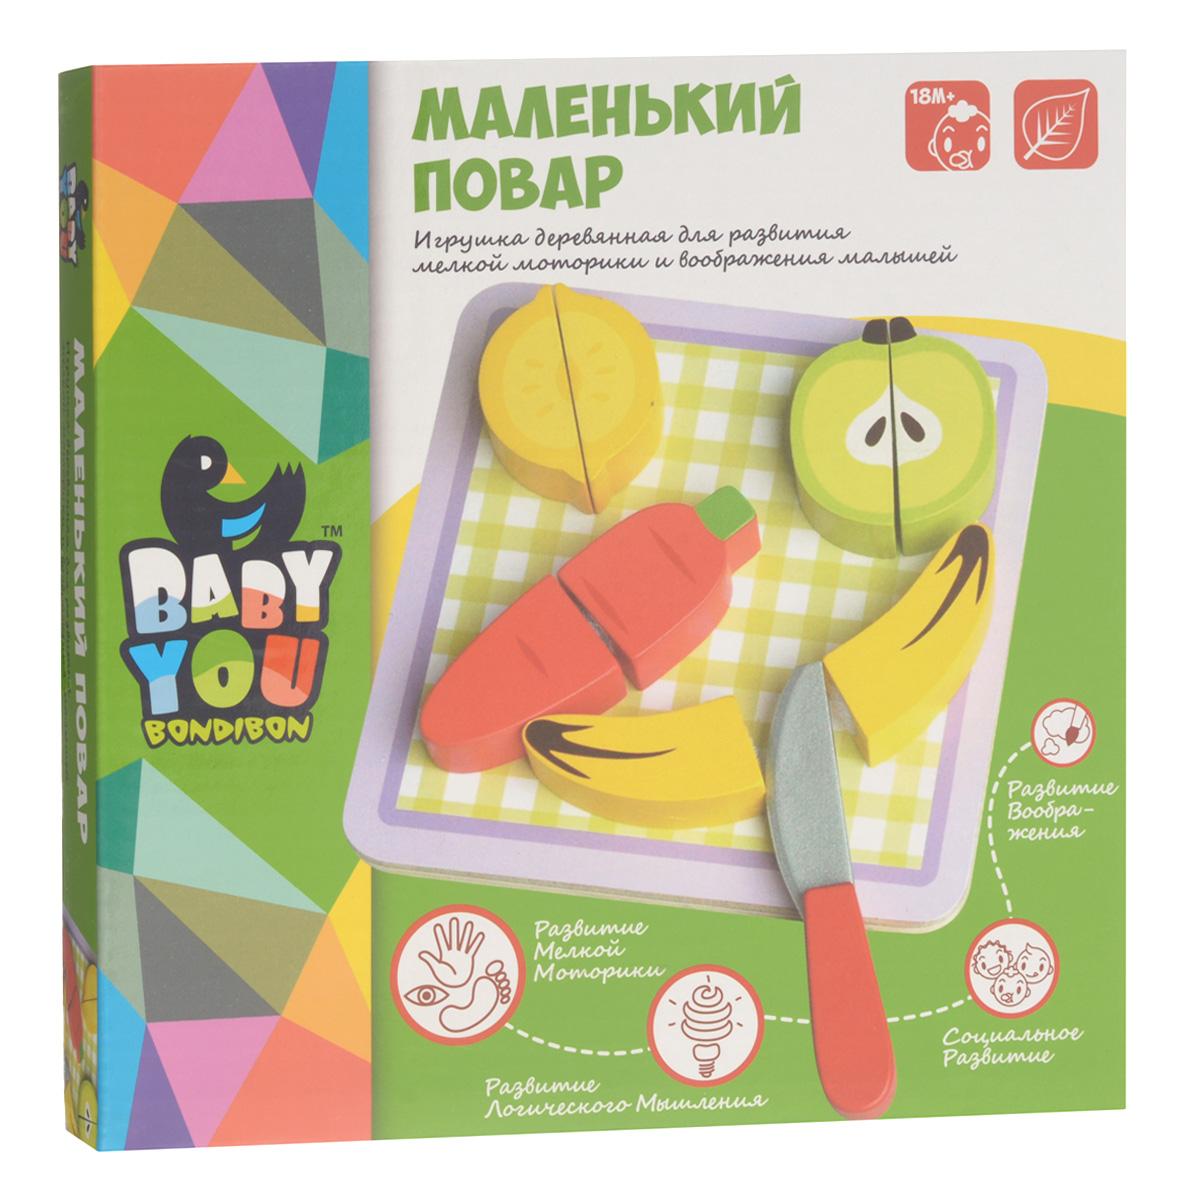 Игровой набор Bondibon Маленький поварВВ1101Игровой набор Bondibon Маленький повар - набор овощей и фруктов, предназначенный для сюжетно-ролевой игры. Половинки овощей и фруктов легко соединяются на липучках и разрезаются деревянным ножом. Мудрые родители выбирают для своих малышей игрушки, которые обучают малыша в процессе увлекательной игры, формируют его внутренний мир и не вредят здоровью. Деревянные развивающие игрушки, детали которых сделаны из различных пород дерева - клена, можжевельника, березы - это не просто яркий предмет, способный надолго увлечь ребенка, но и его первый учитель, рассказывающий о мире на интуитивно понятном крохе языке. Игрушка способствует развитию сенсомоторных навыков, творческого и логического мышления, речи и навыков общения, а также формирует элементарные математические представления.